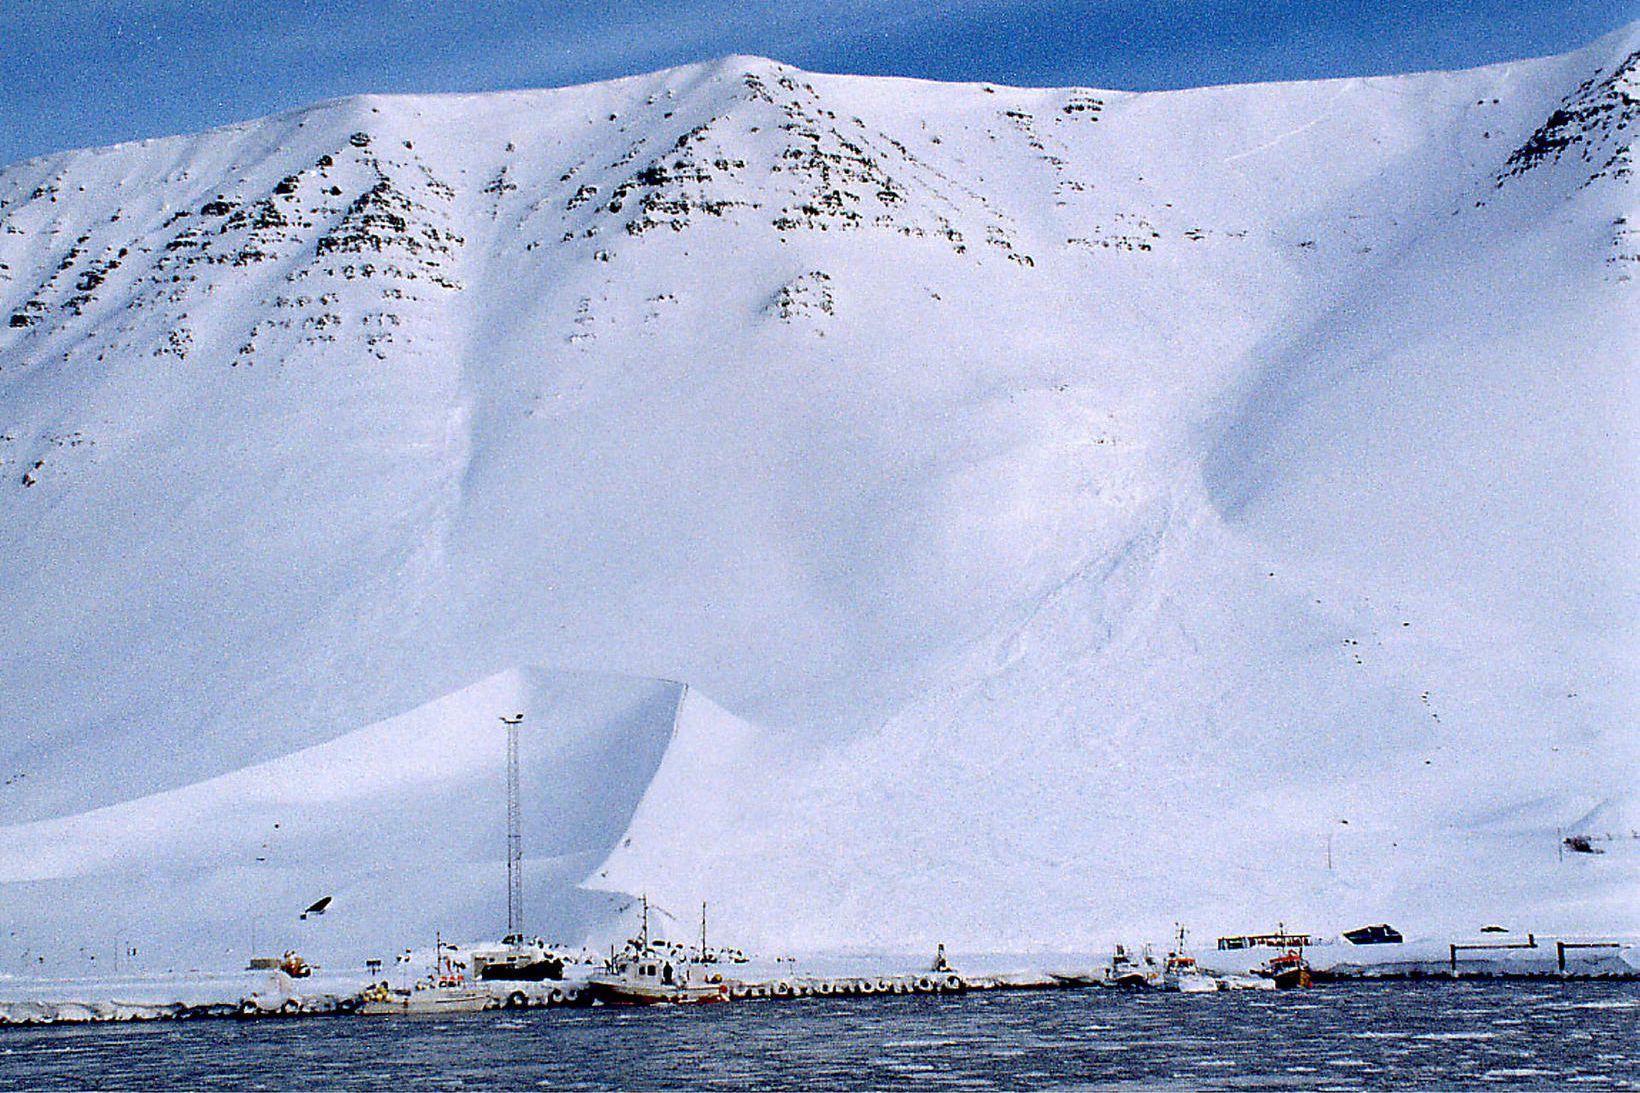 Snjóflóð féll úr Skollahvilft í mars 2013. Á myndinni sést …